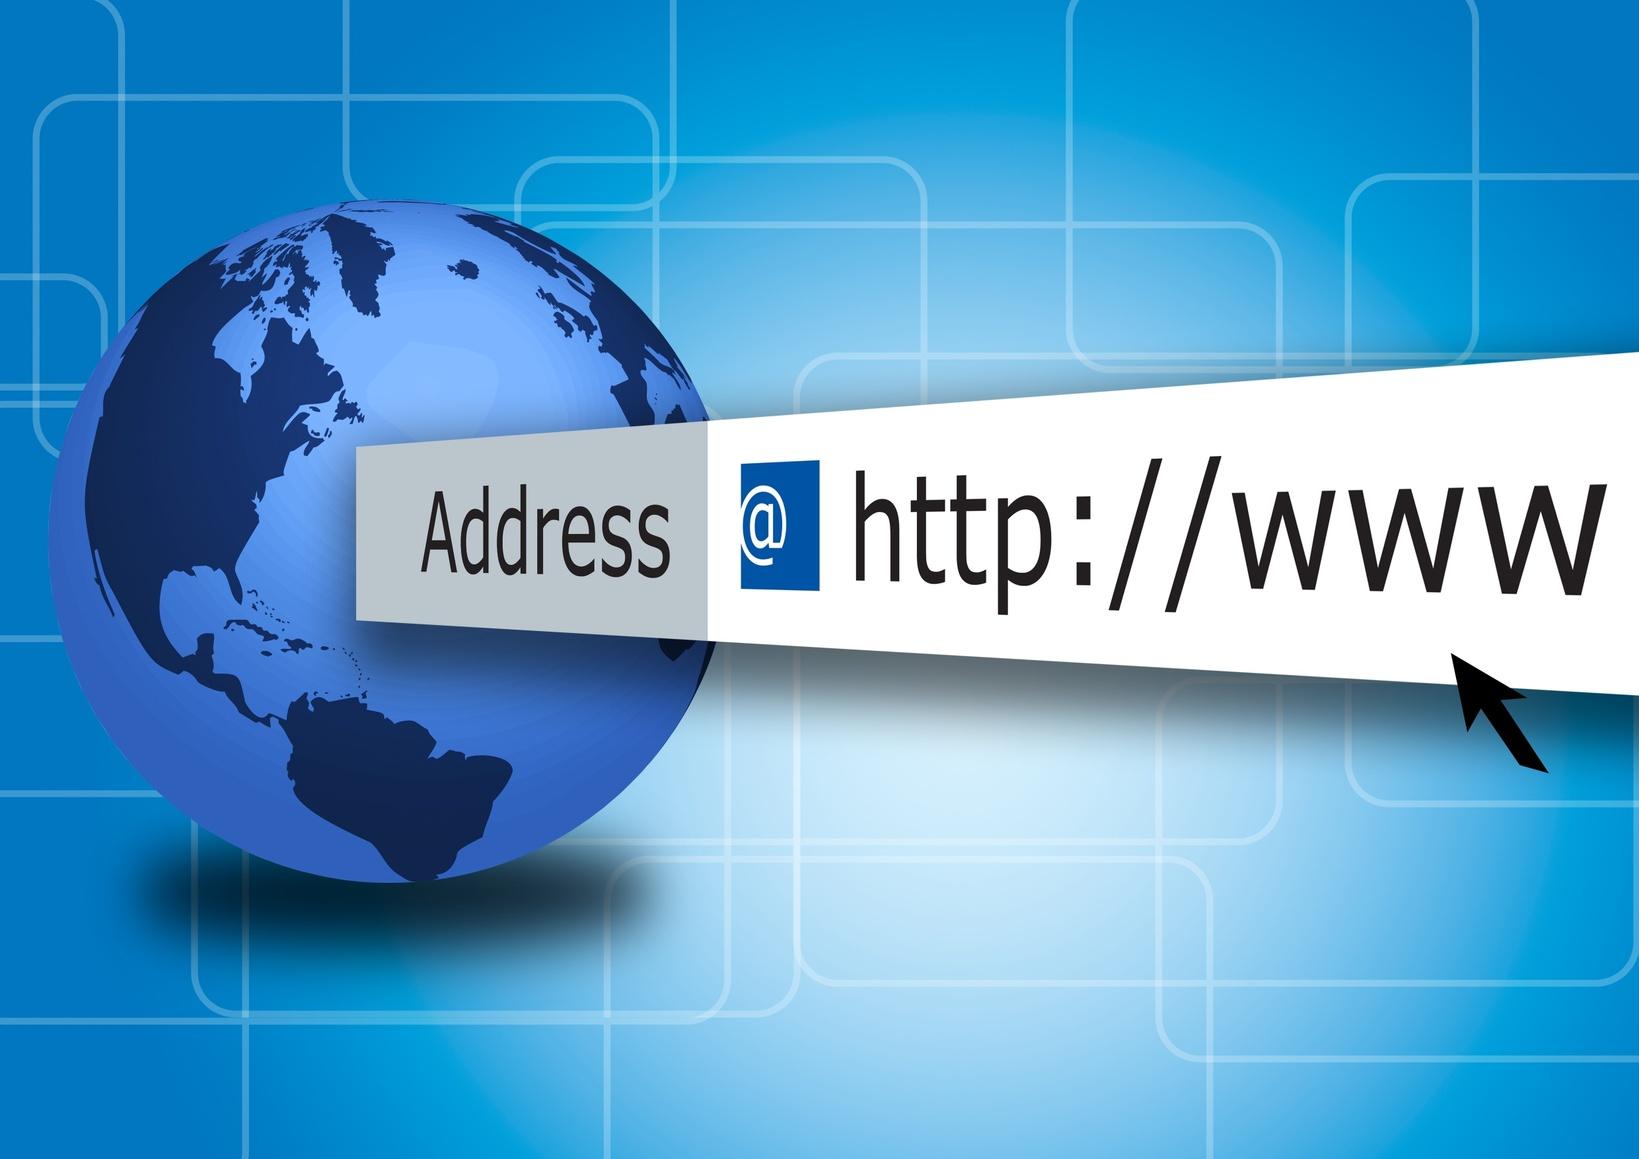 جدیدترین آمار دنیا از کاربران اینترنت!